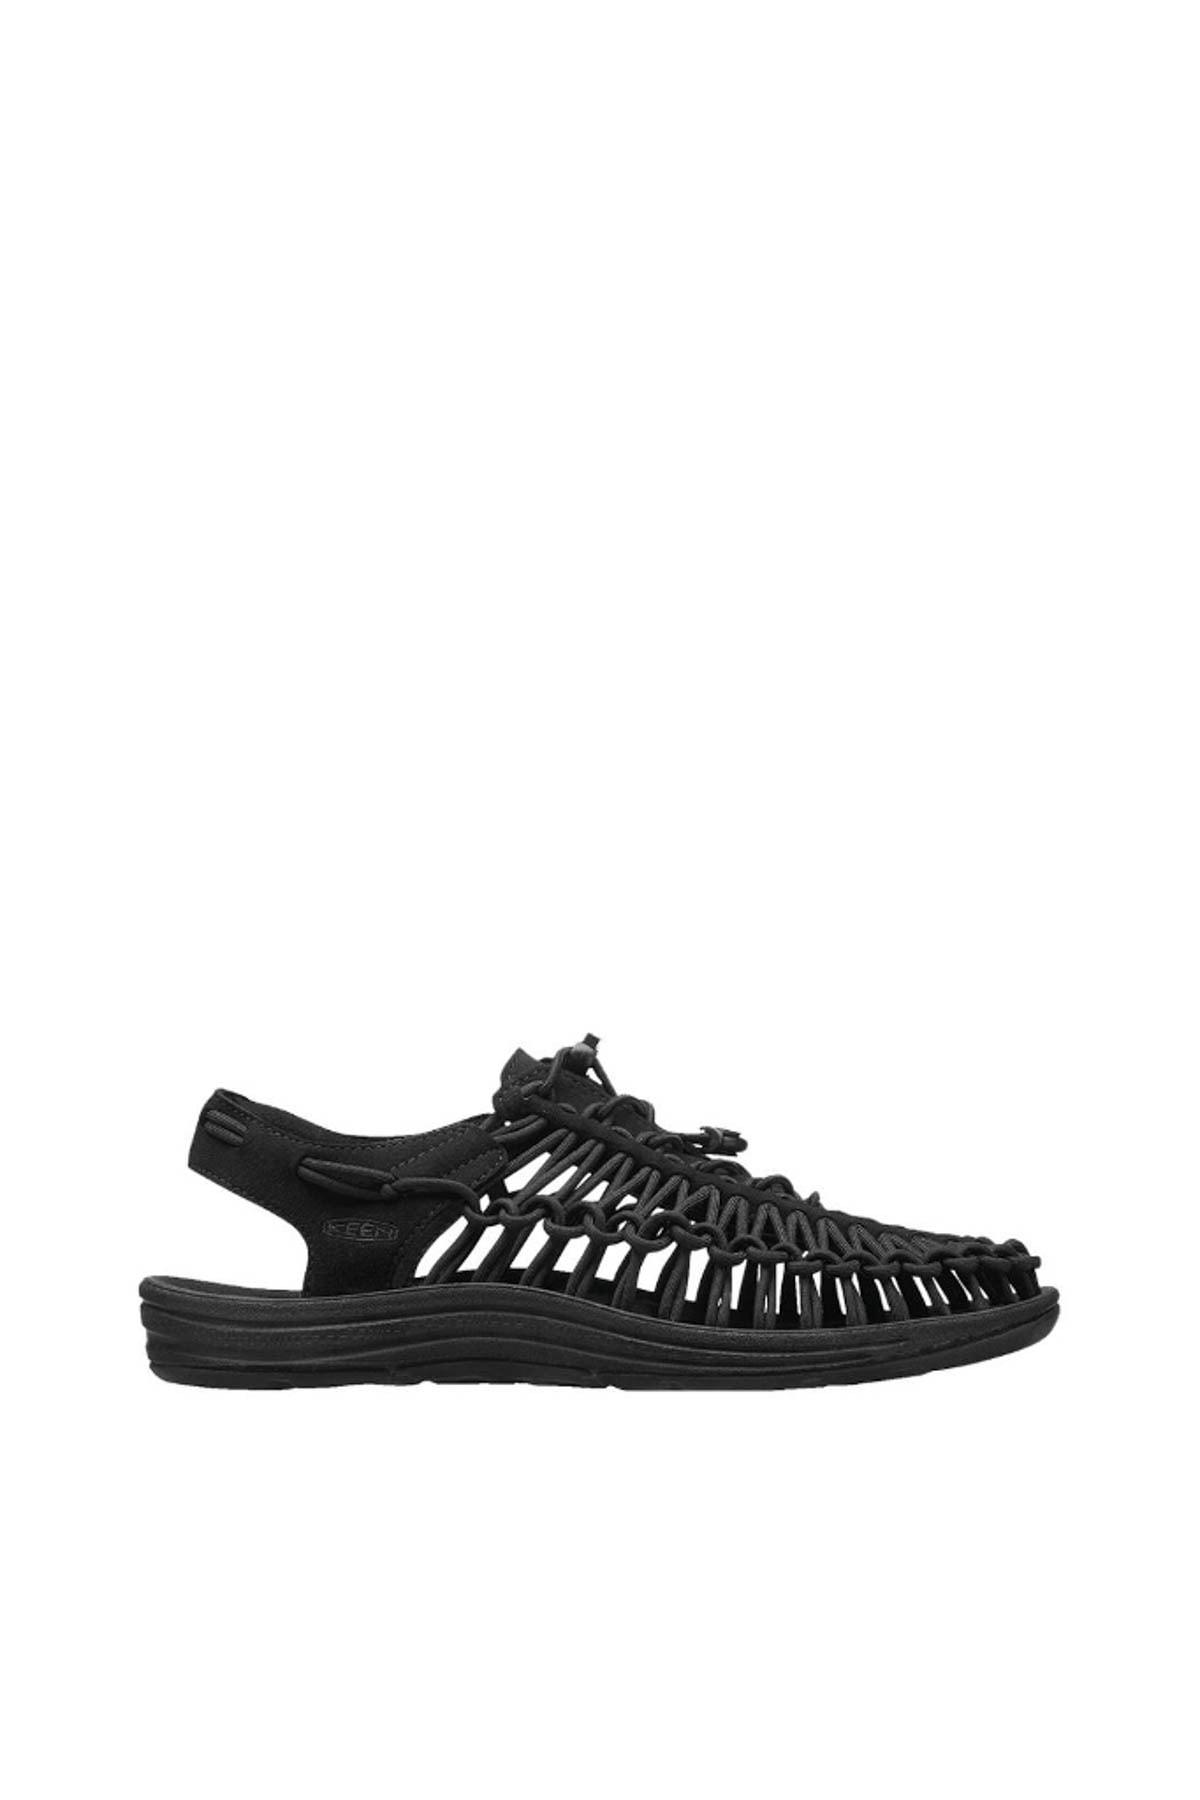 Keen Uneek Erkek Sandalet Siyah 1